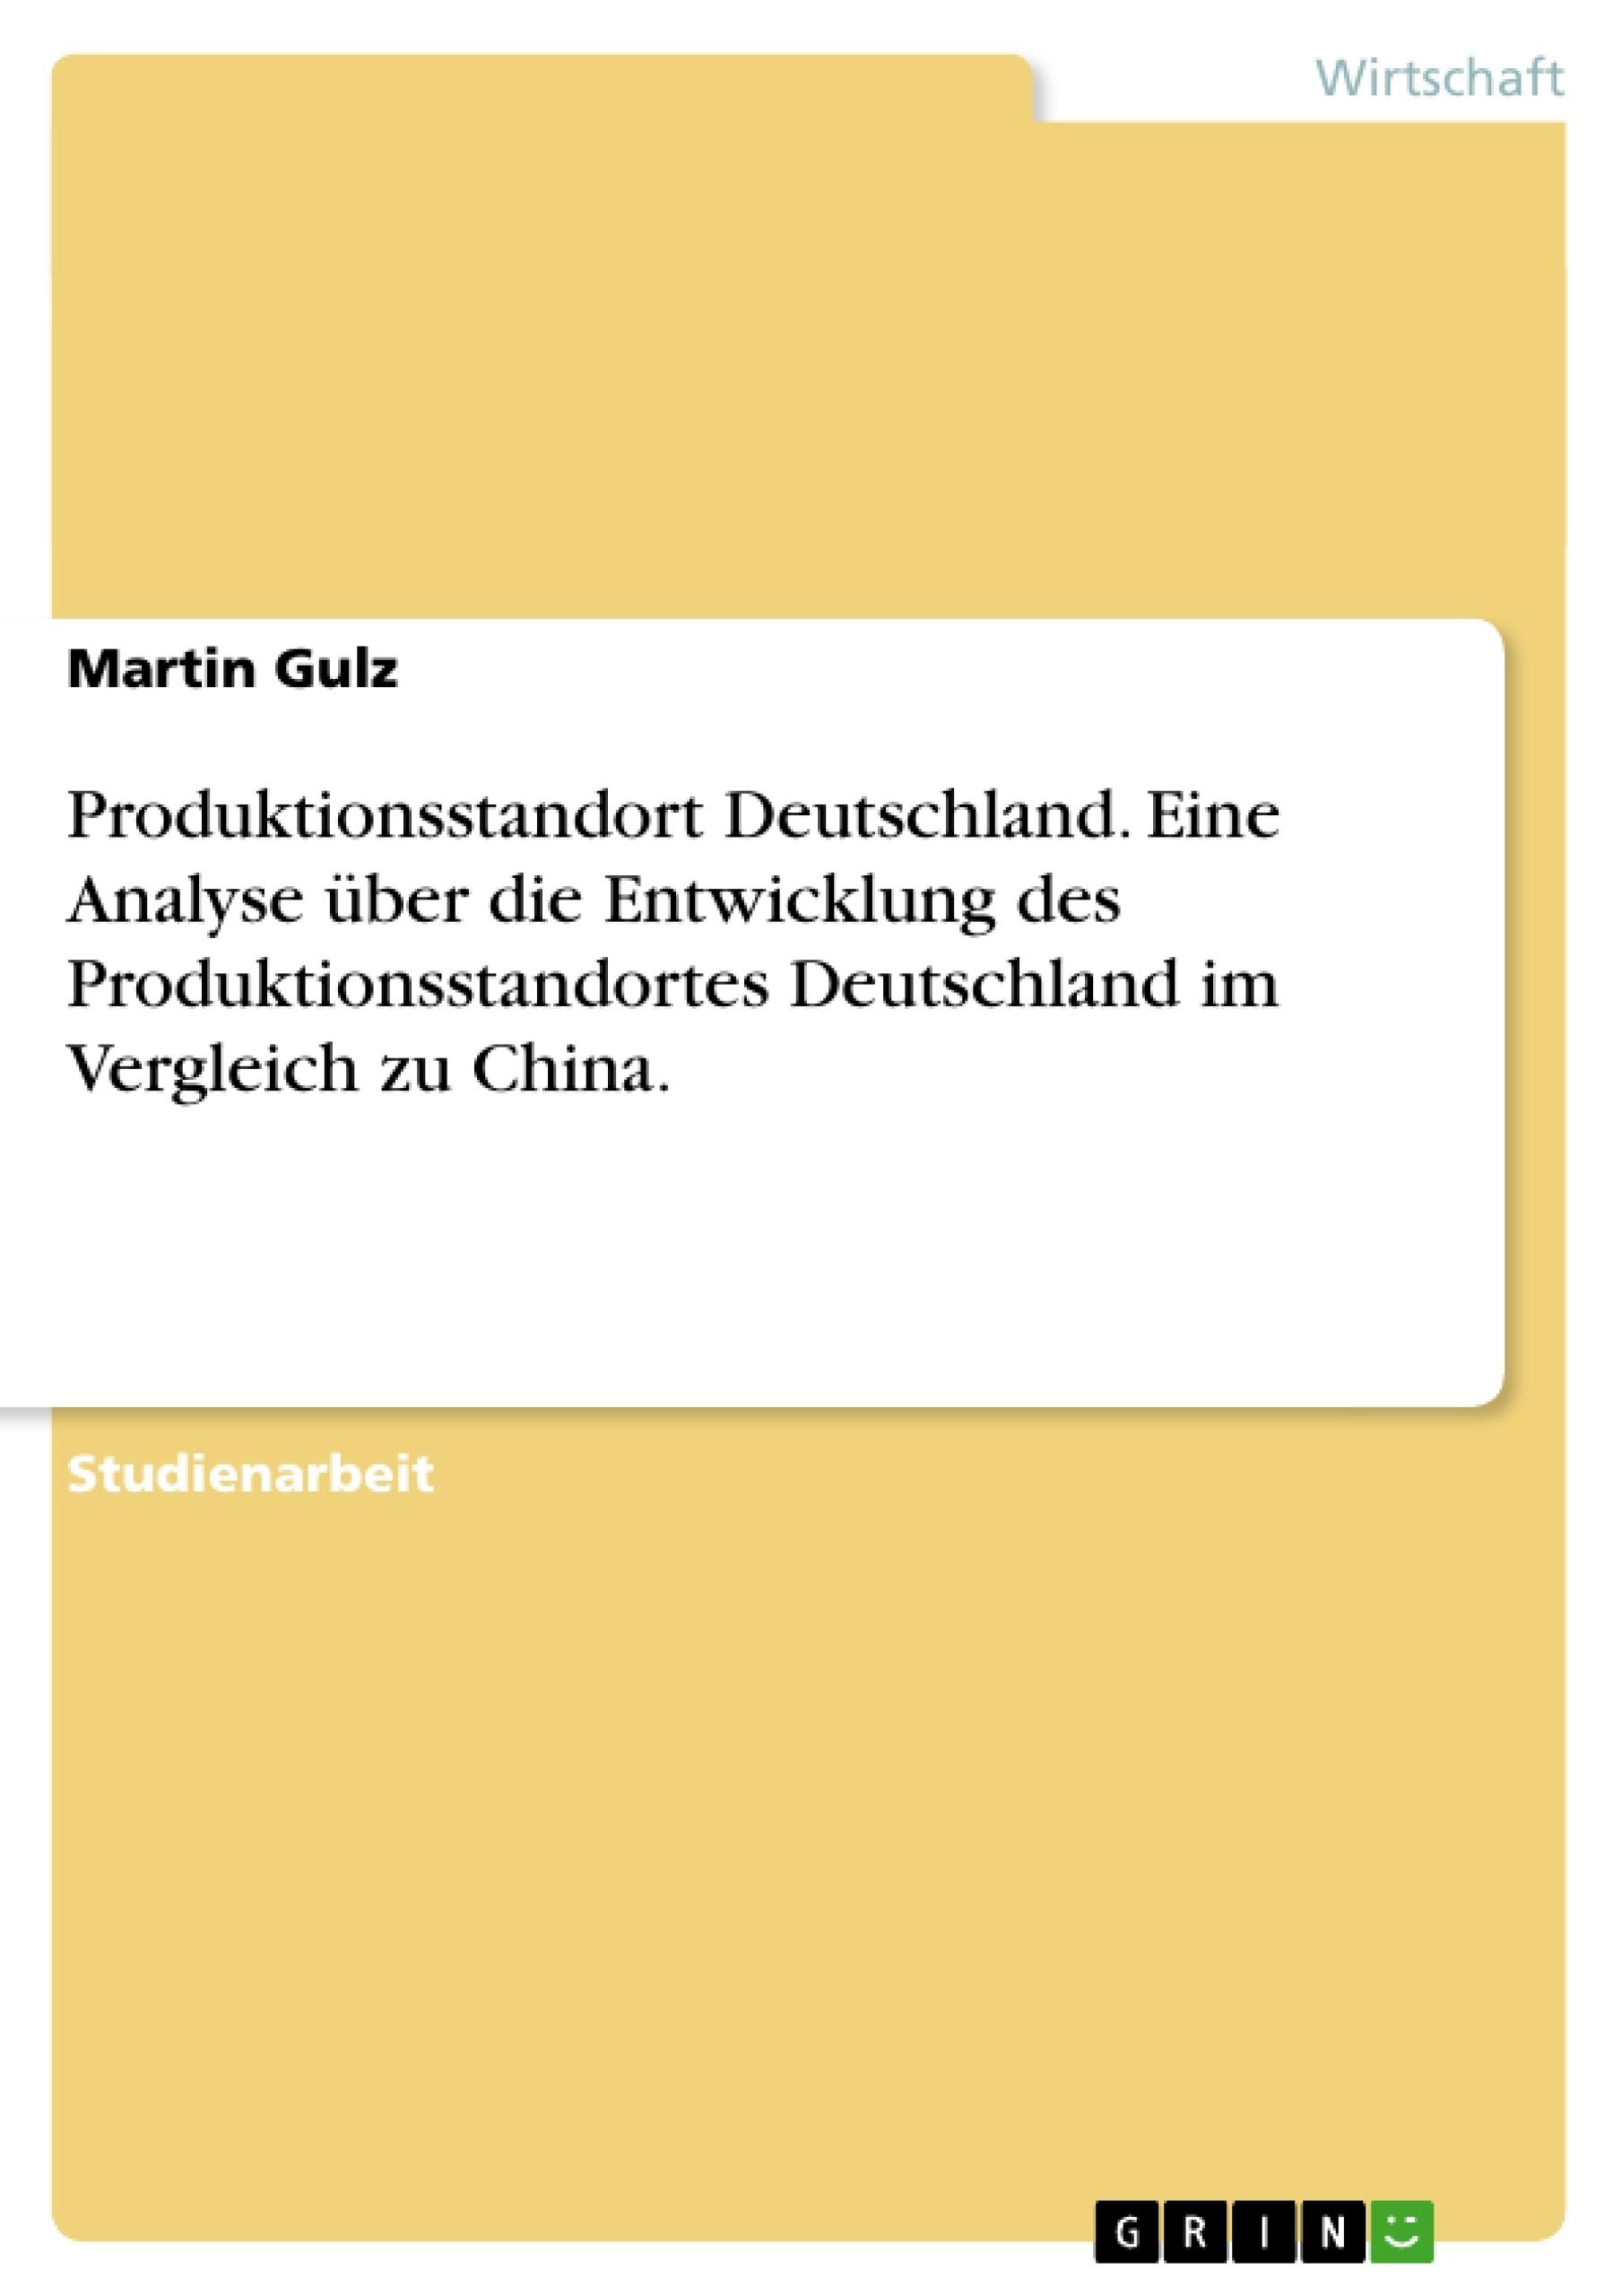 Titel: Produktionsstandort Deutschland. Eine Analyse über die Entwicklung des Produktionsstandortes Deutschland im Vergleich zu China.